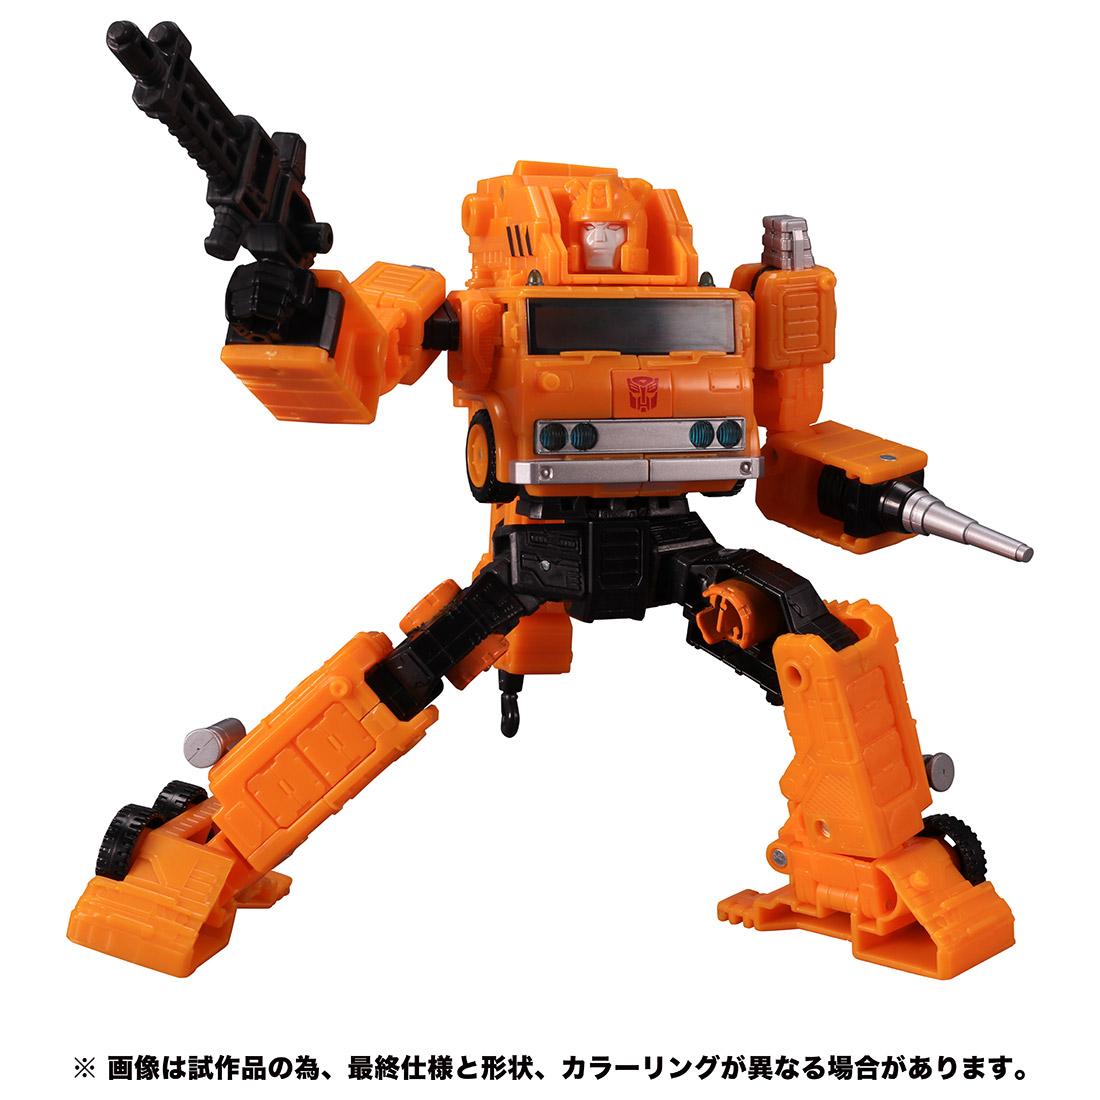 【限定販売】トランスフォーマー アースライズ『ER EX-02 グラップル』可変可動フィギュア-002